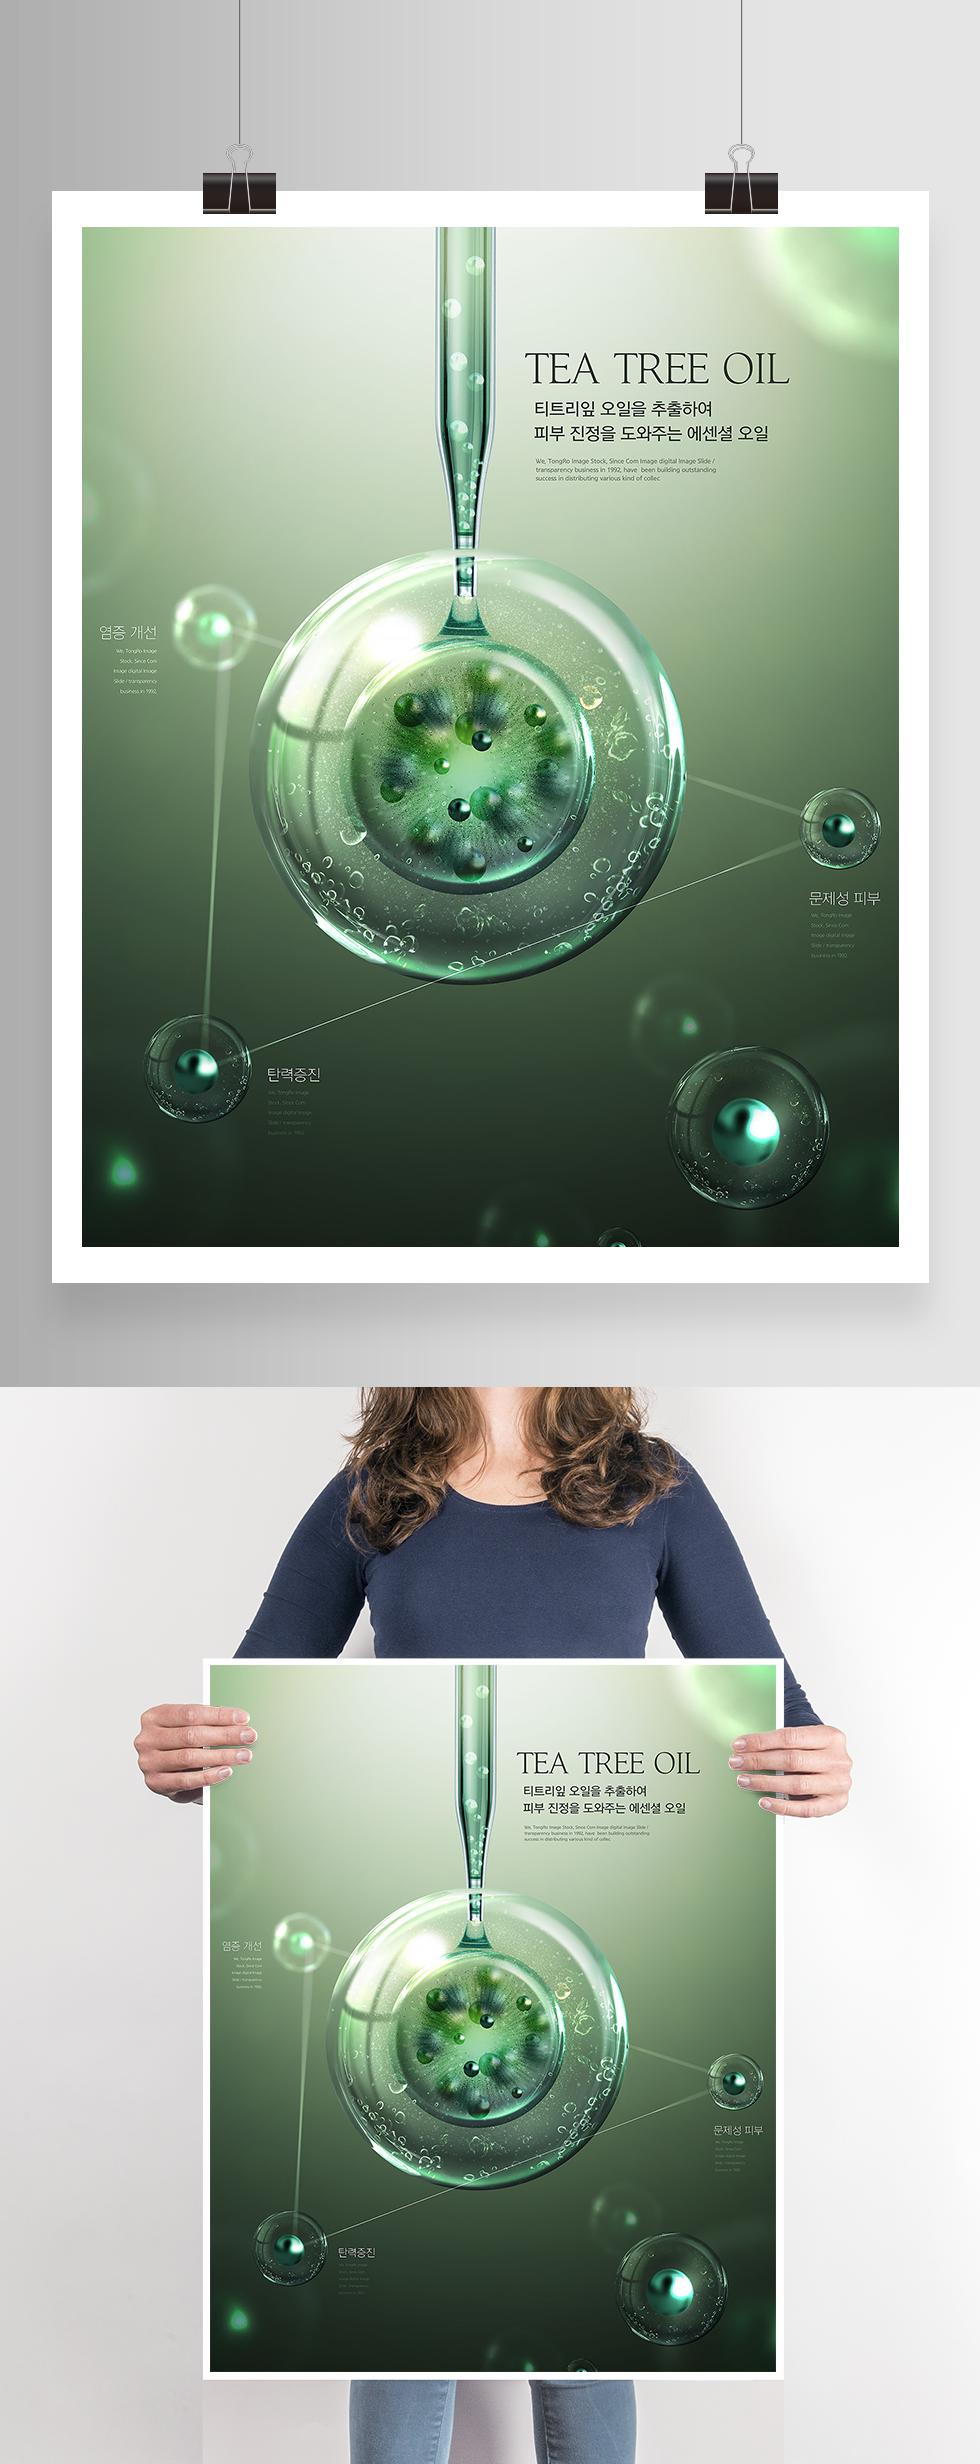 基因活性细胞显微生物植物光效分子化妆品因子PSD海报(4)